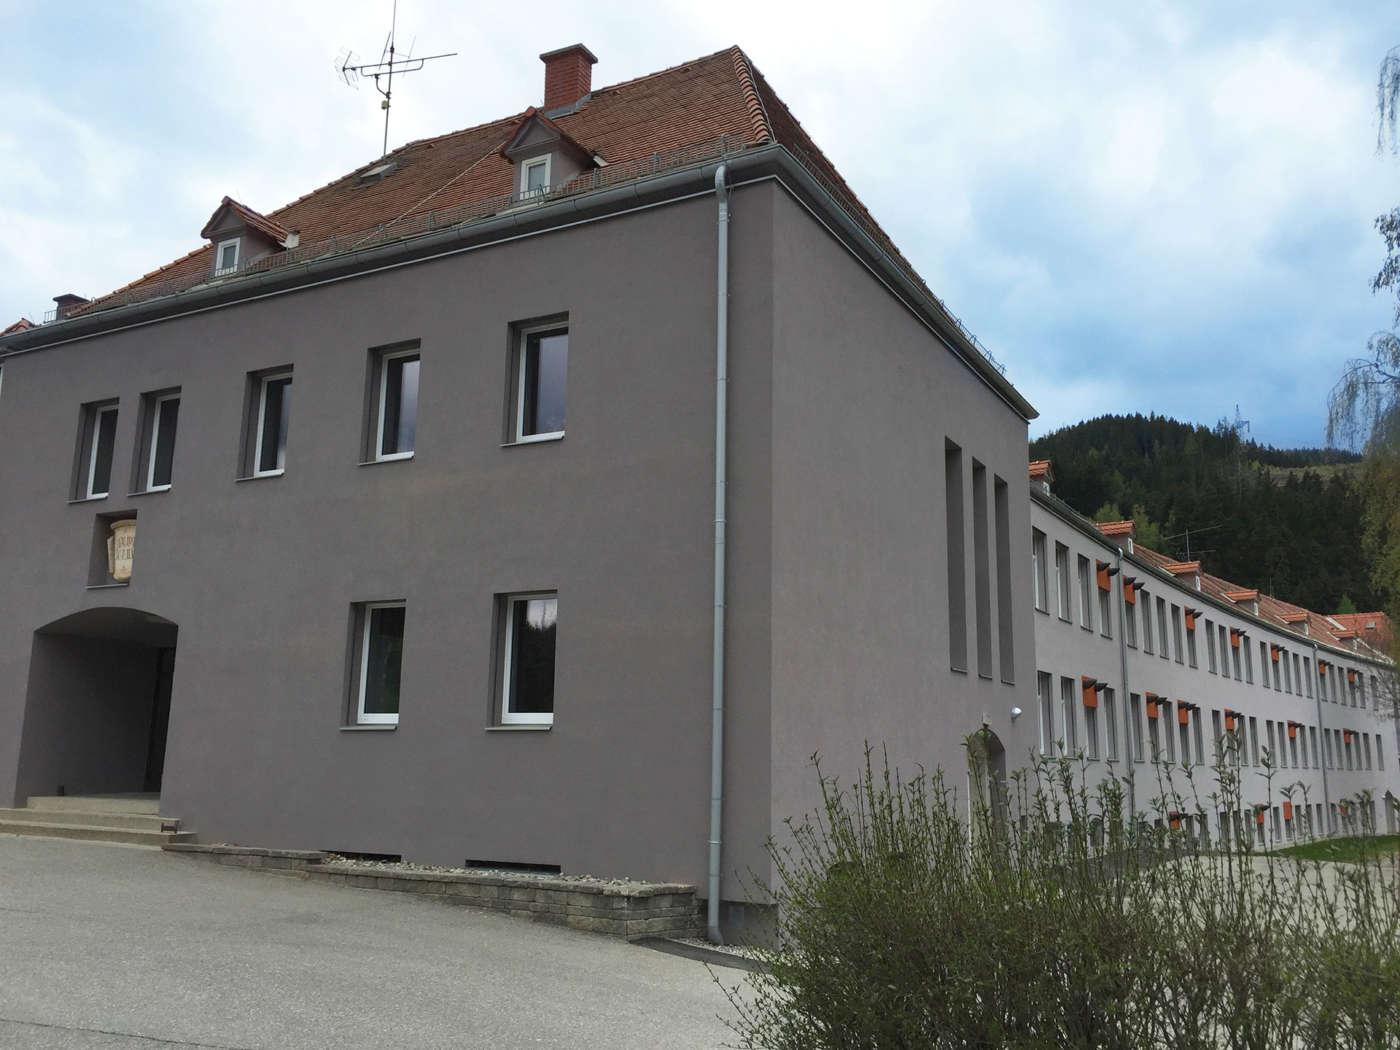 fenster-bruck-muerzzuschlag-maitz-kindberg